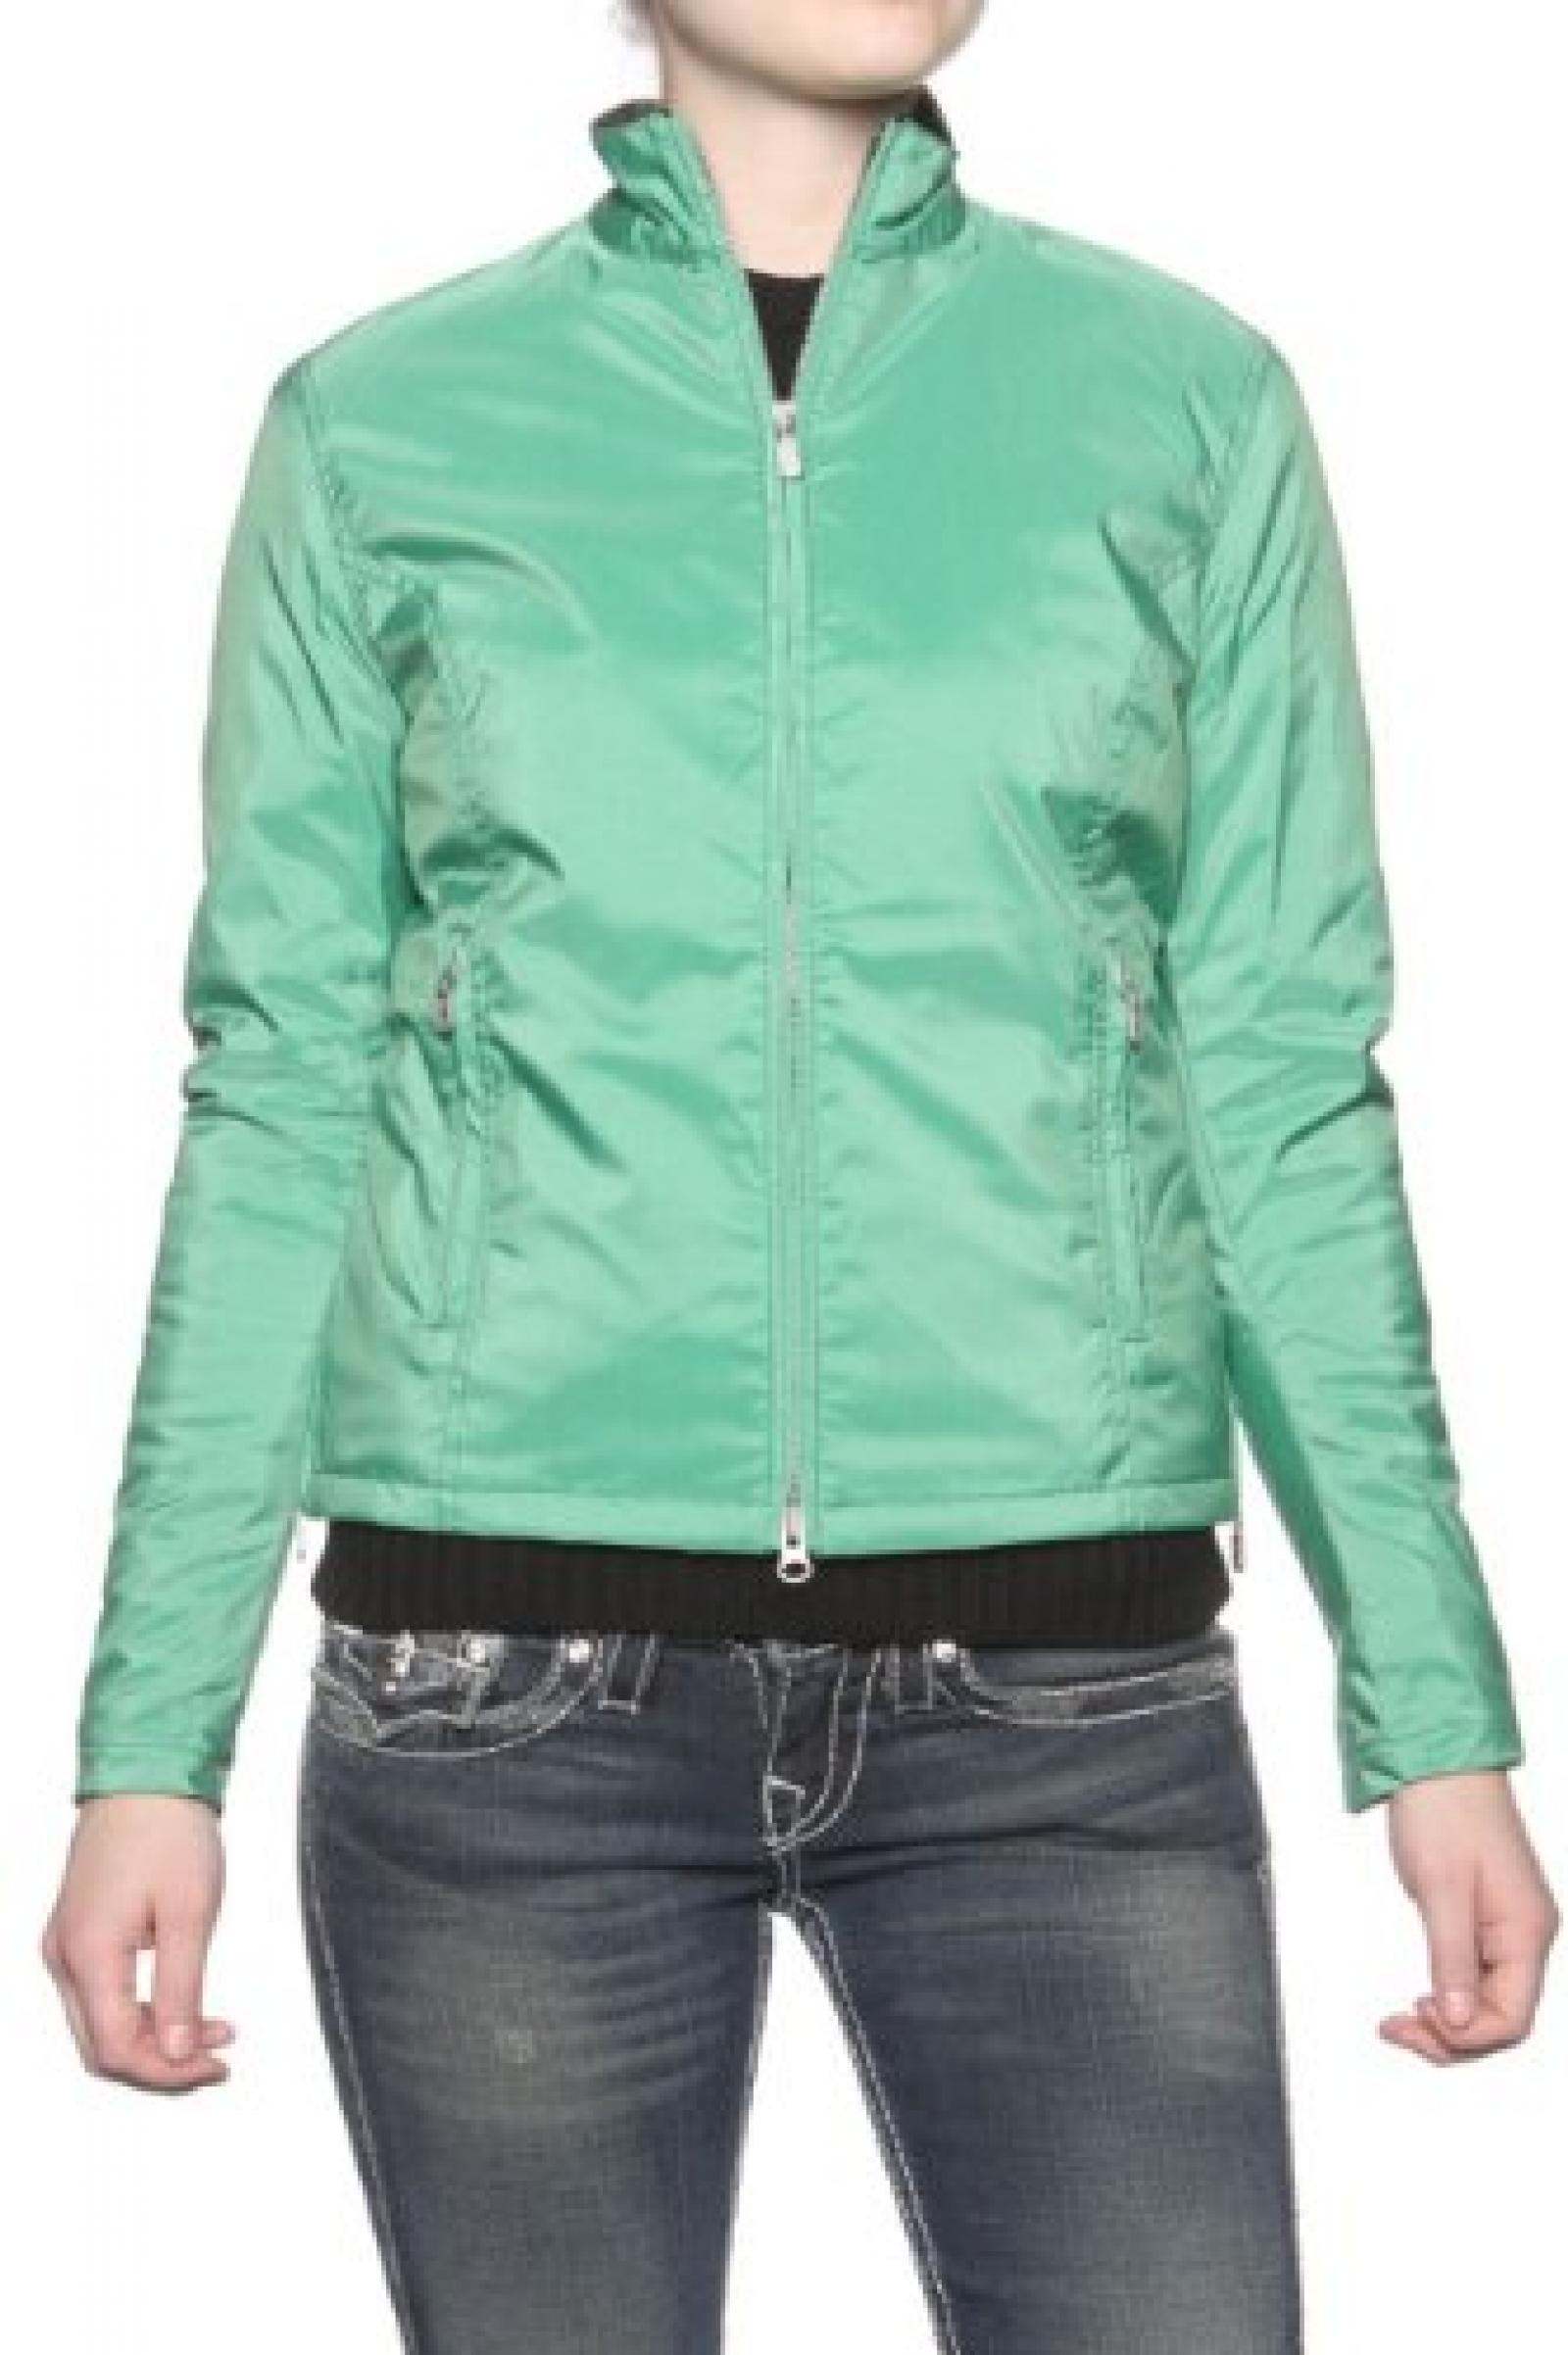 Belstaff Damen Jacke Blouson-Jacke NEW PIRAT, Farbe: Gruen